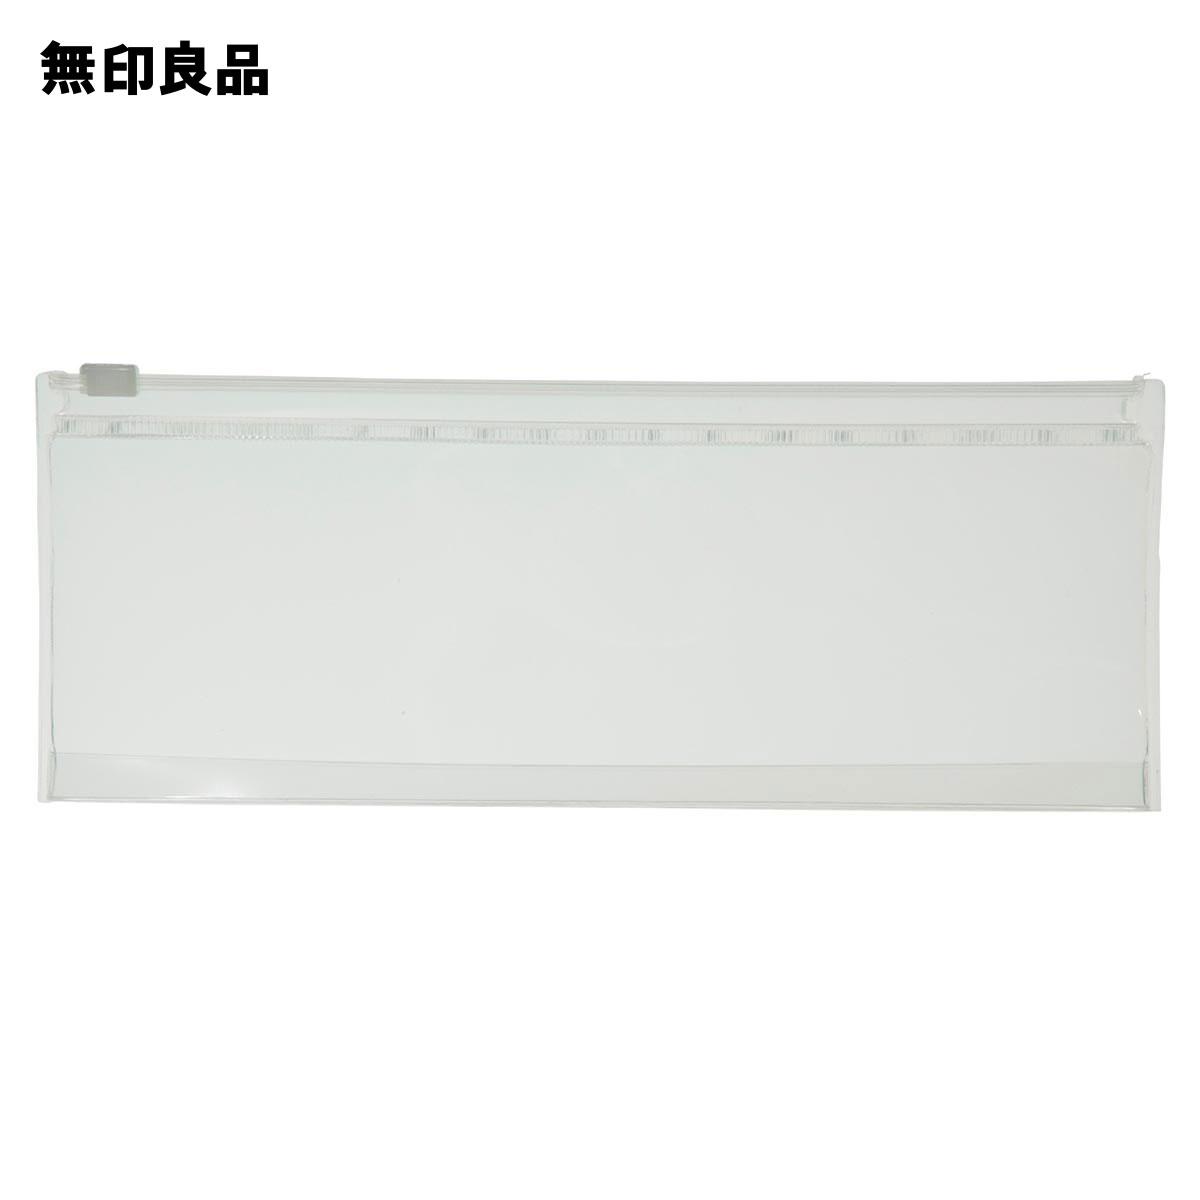 無印良品 公式 EVAクリアケース 並行輸入品 期間限定特別価格 大約220x85mm